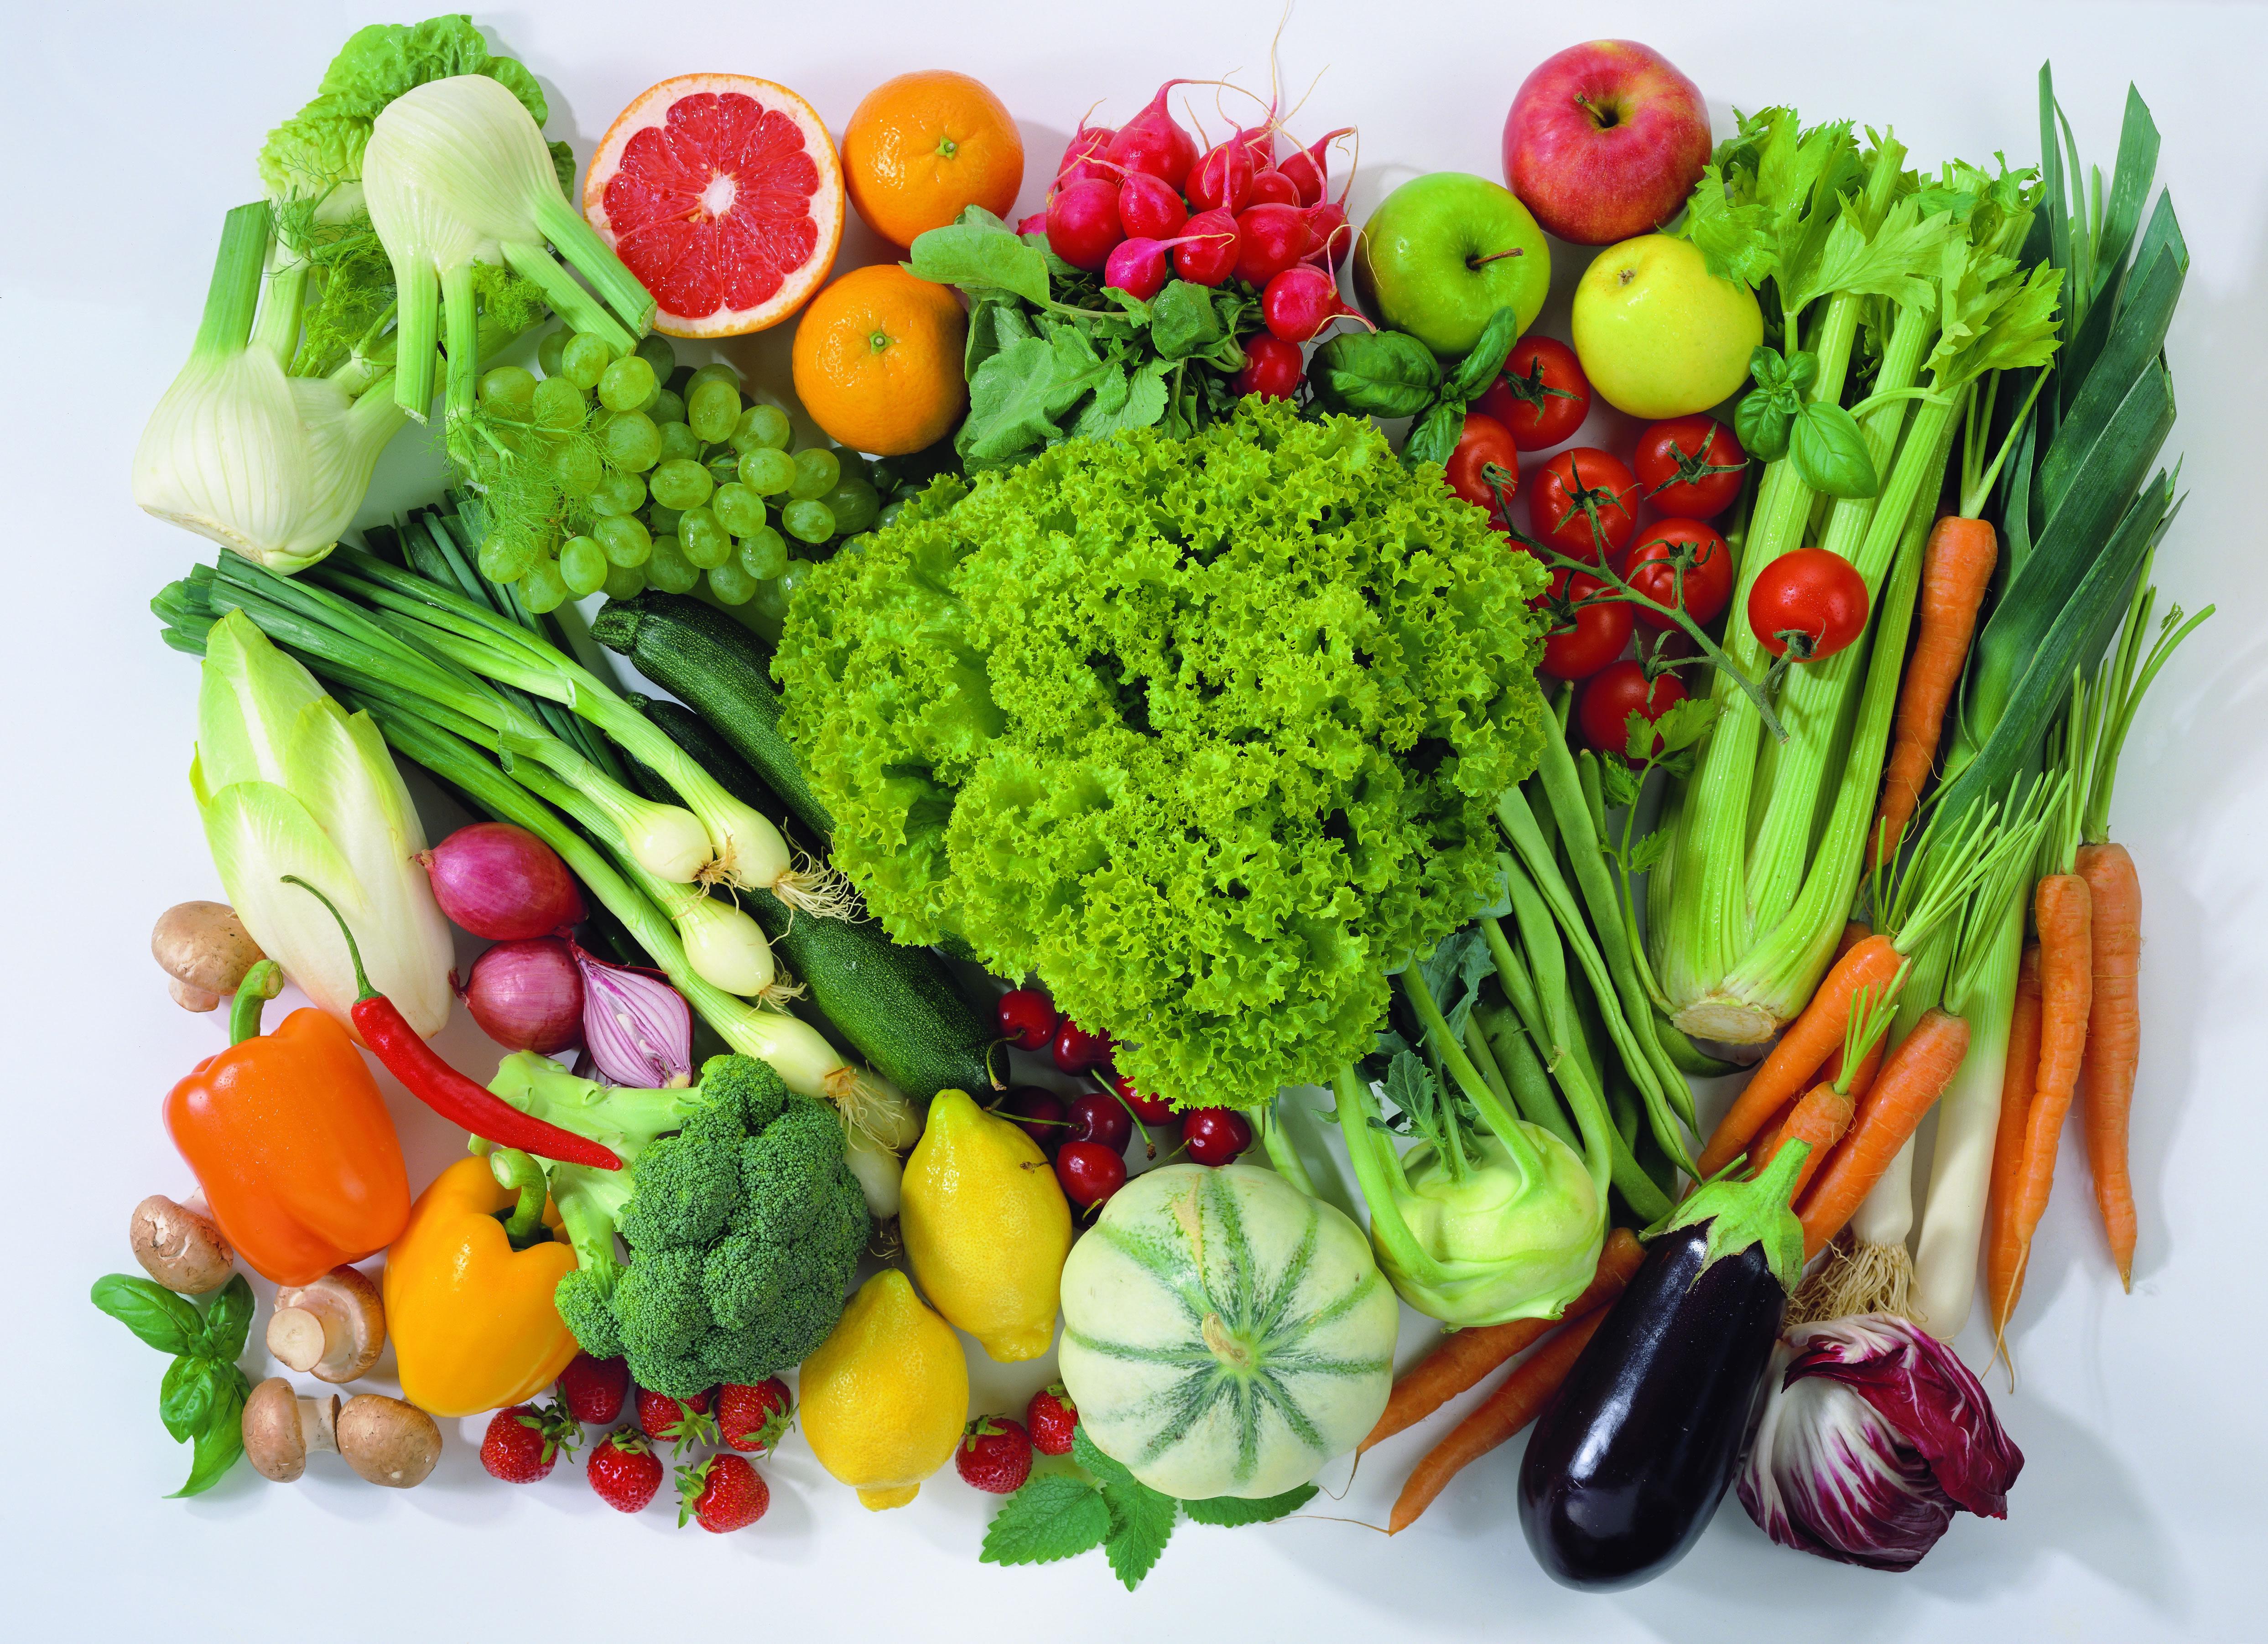 Овощи и фрукты — важнейшие поставщики витаминов